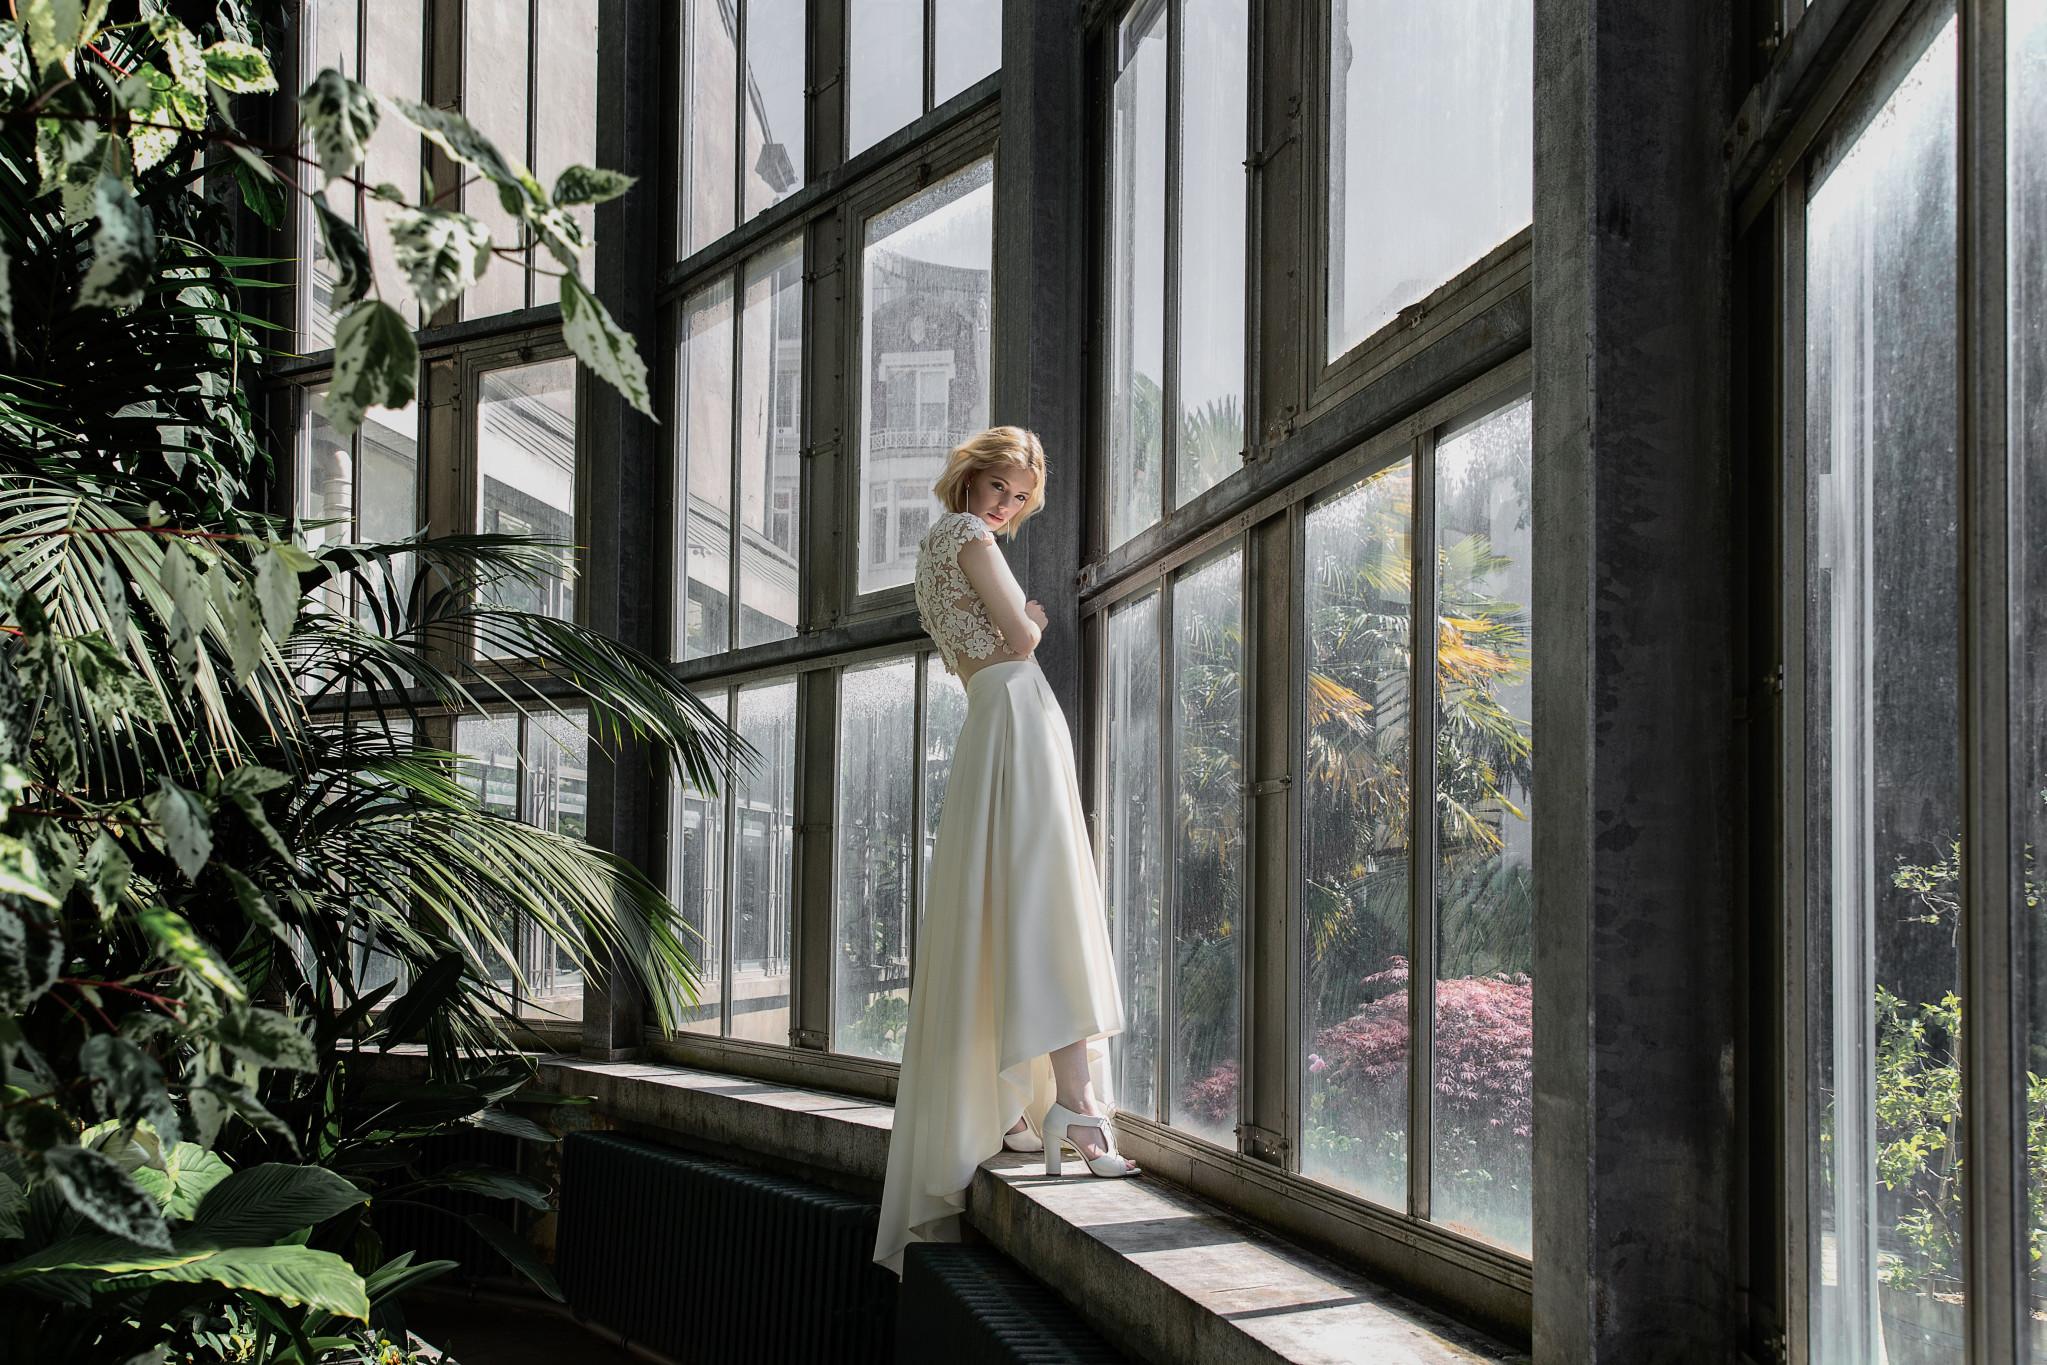 De Meest Voorkomende Dromen Over Trouwen Theperfectwedding Nl